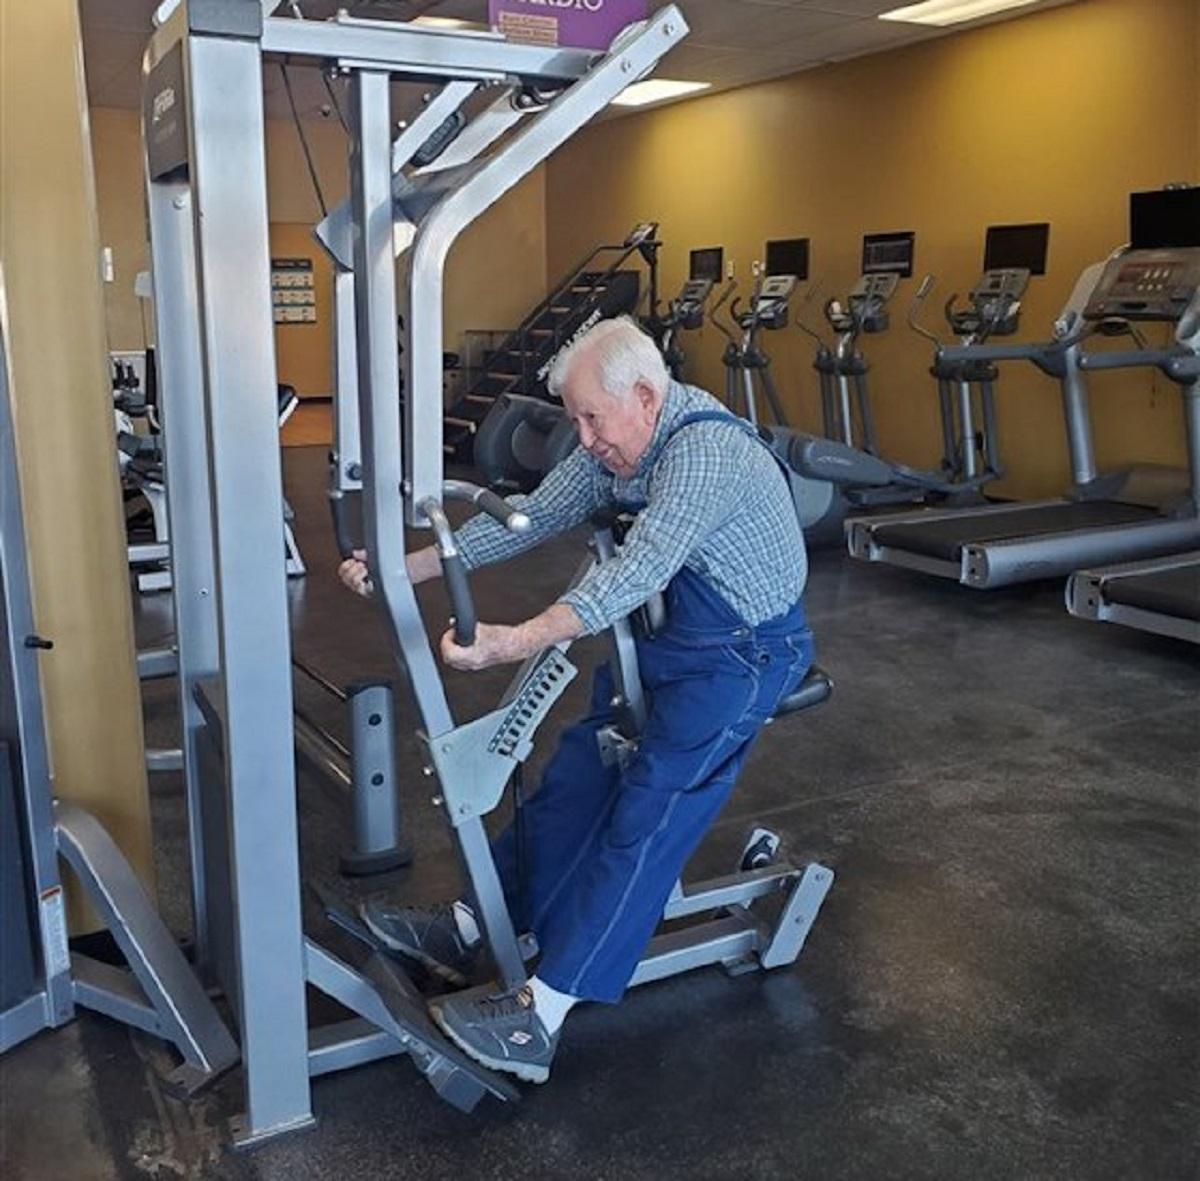 1 1 4 - Aos 91 anos ele se tornou o maior exemplo para todos que vão à academias!